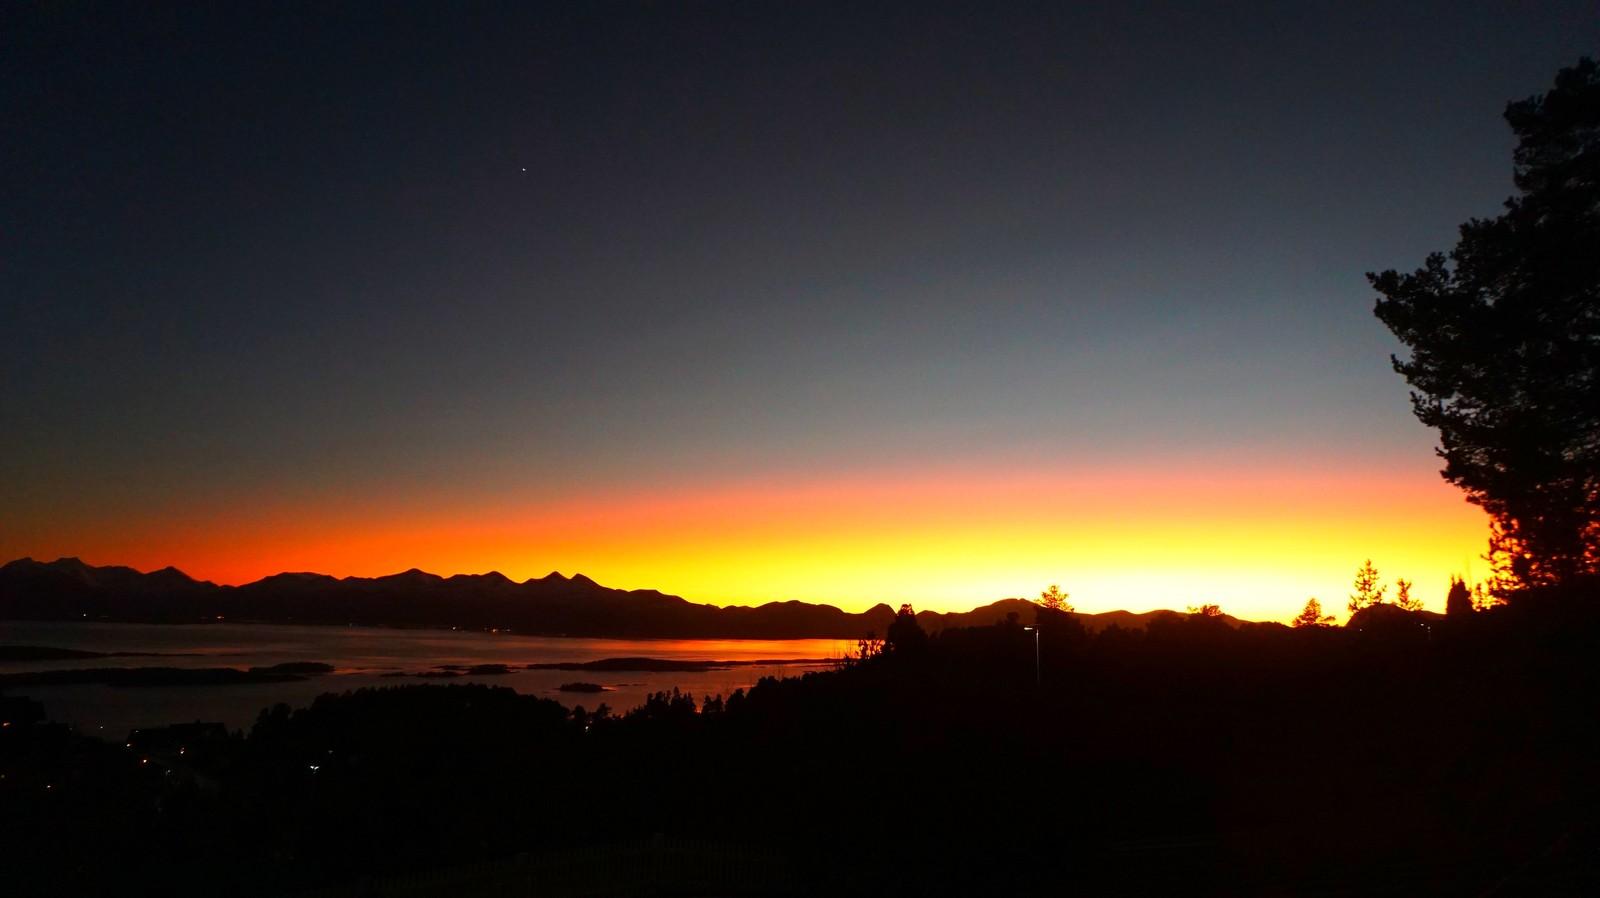 Tatt fra Nordbyen i Molde, mot Vestnes. - Til og med den lyssterke Venus kan ses på bildet, sier fotograf Atle Bell.